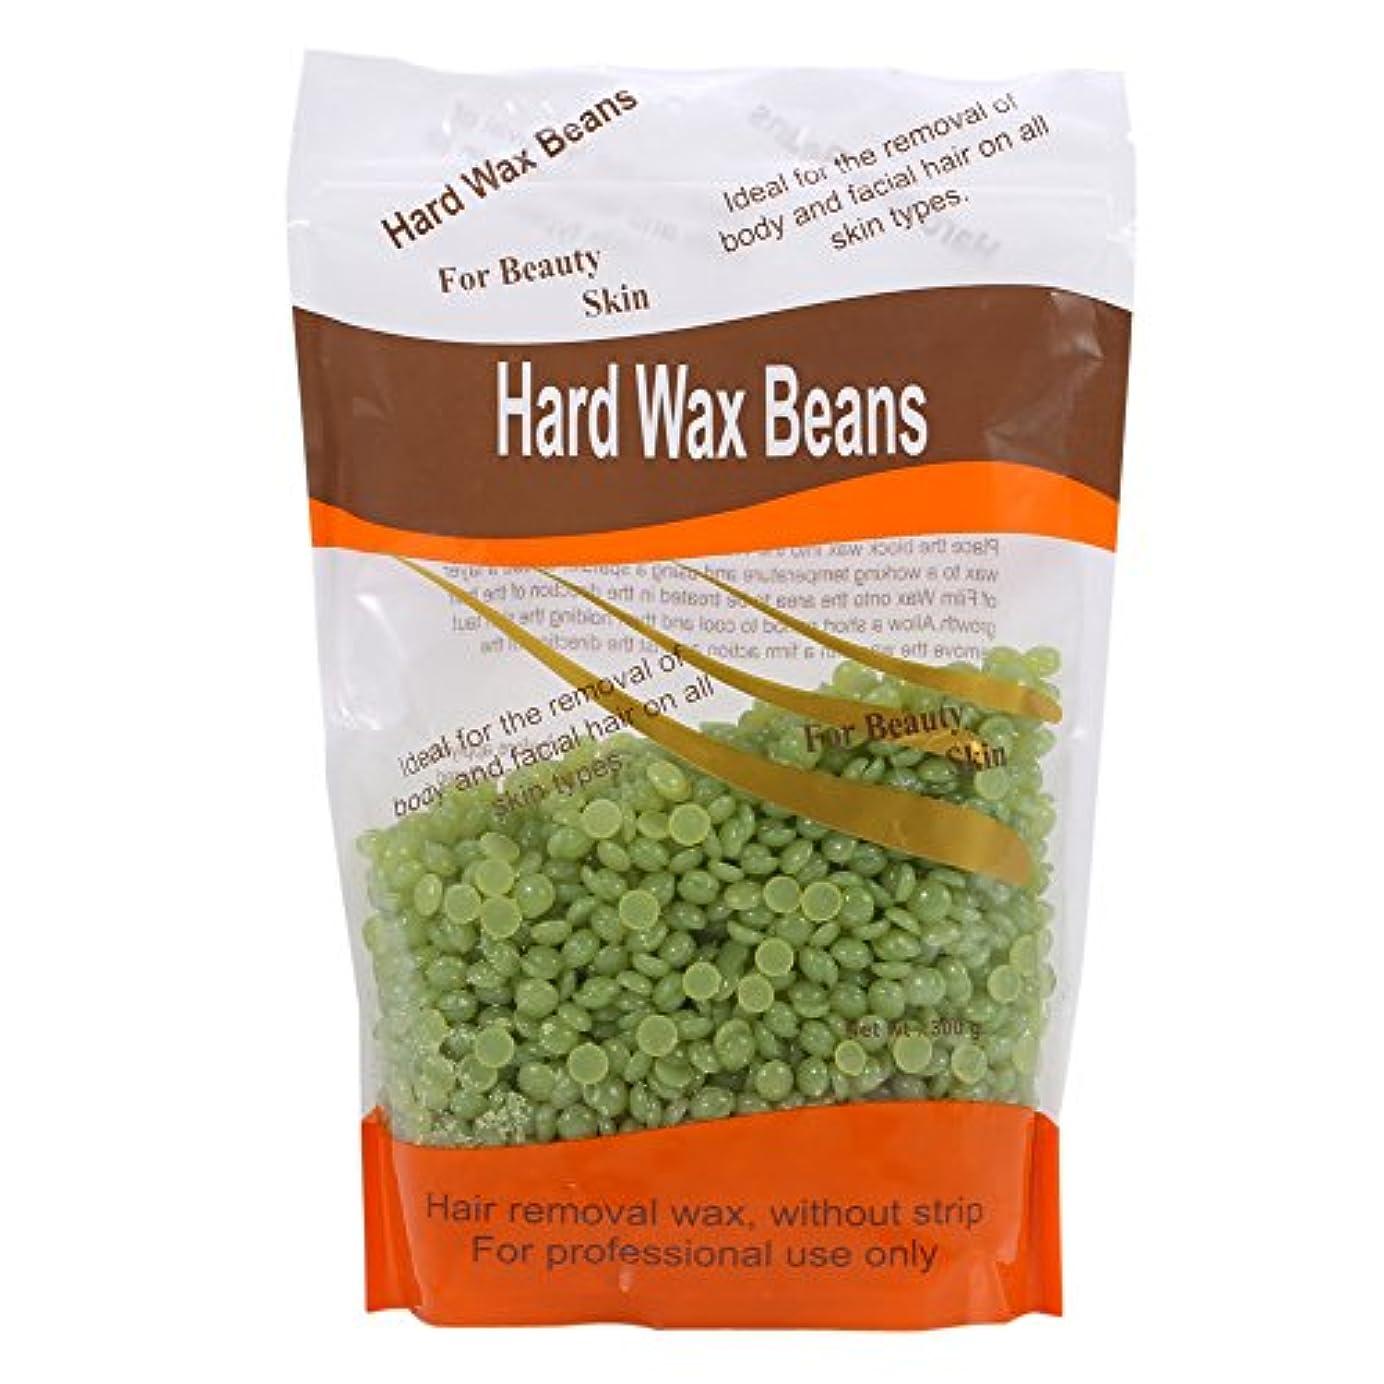 ドアミラーシルク混合Eboxer 脱毛ワックス 粒状ハード 天然 安全 健康 保湿 七つのにおいを選ぶことができ 体は魅力的な香りを発散させる(ティーツリー)